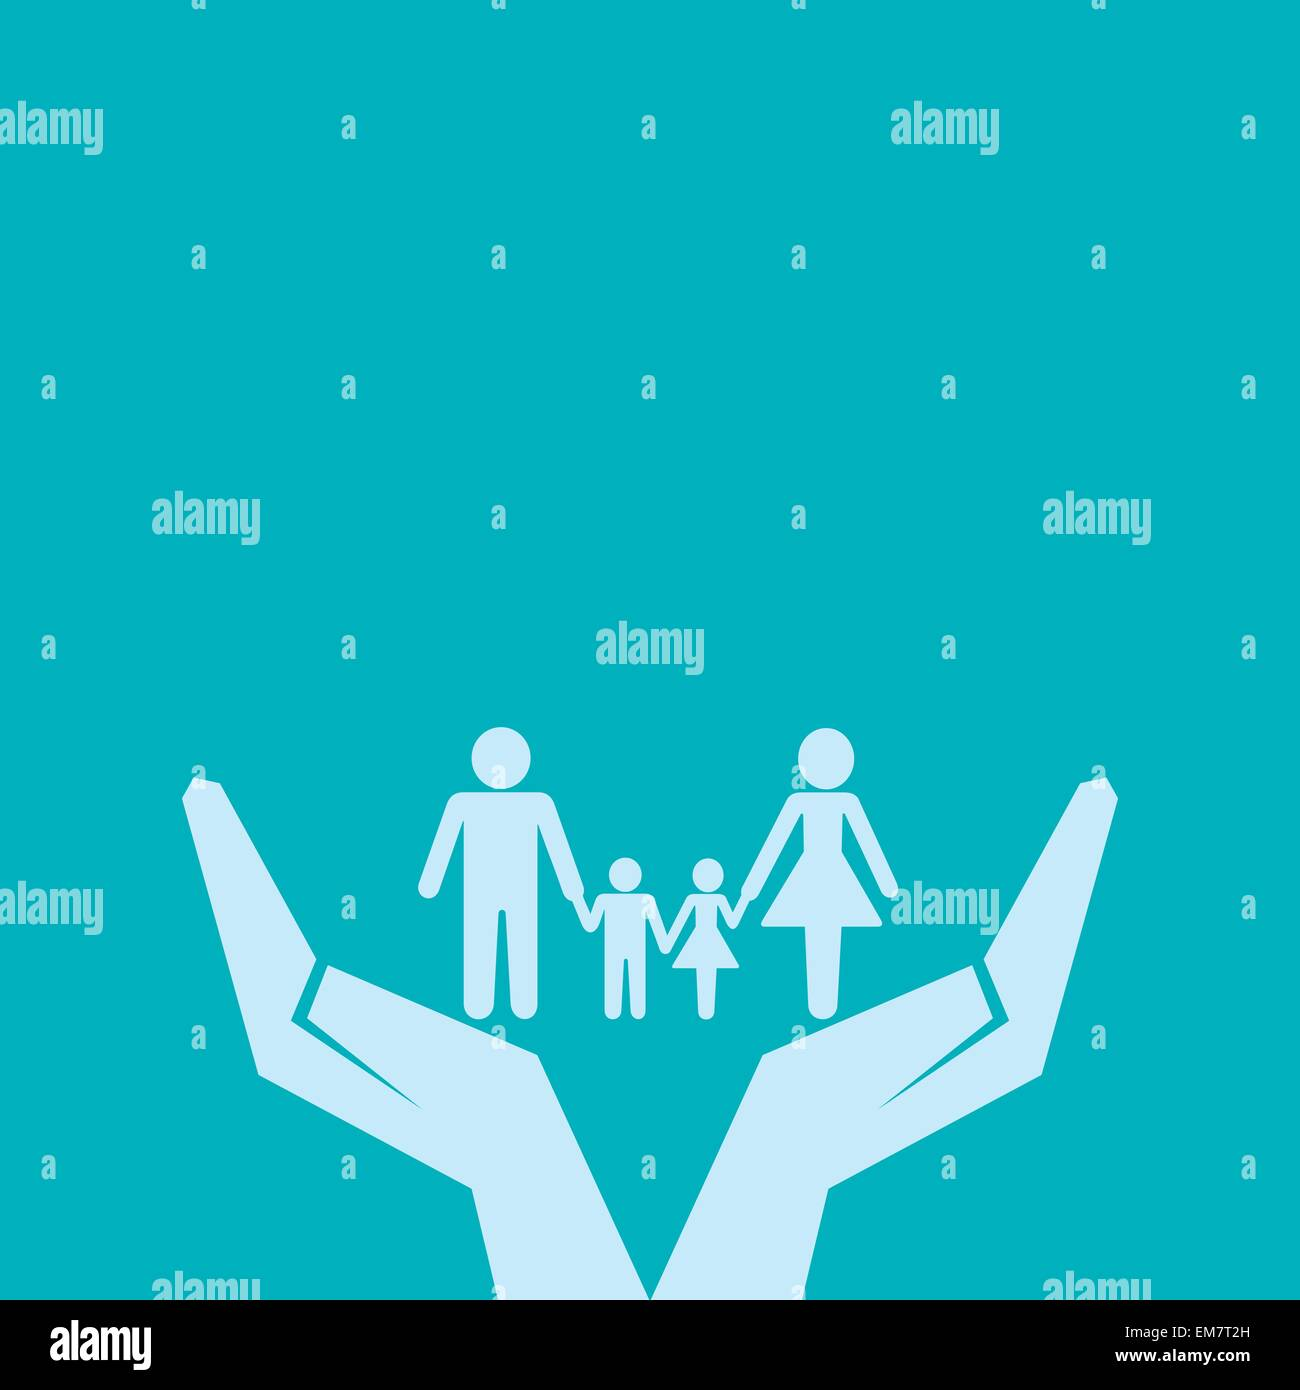 Fijar o guardar familia bajo el concepto de mano Ilustración del Vector